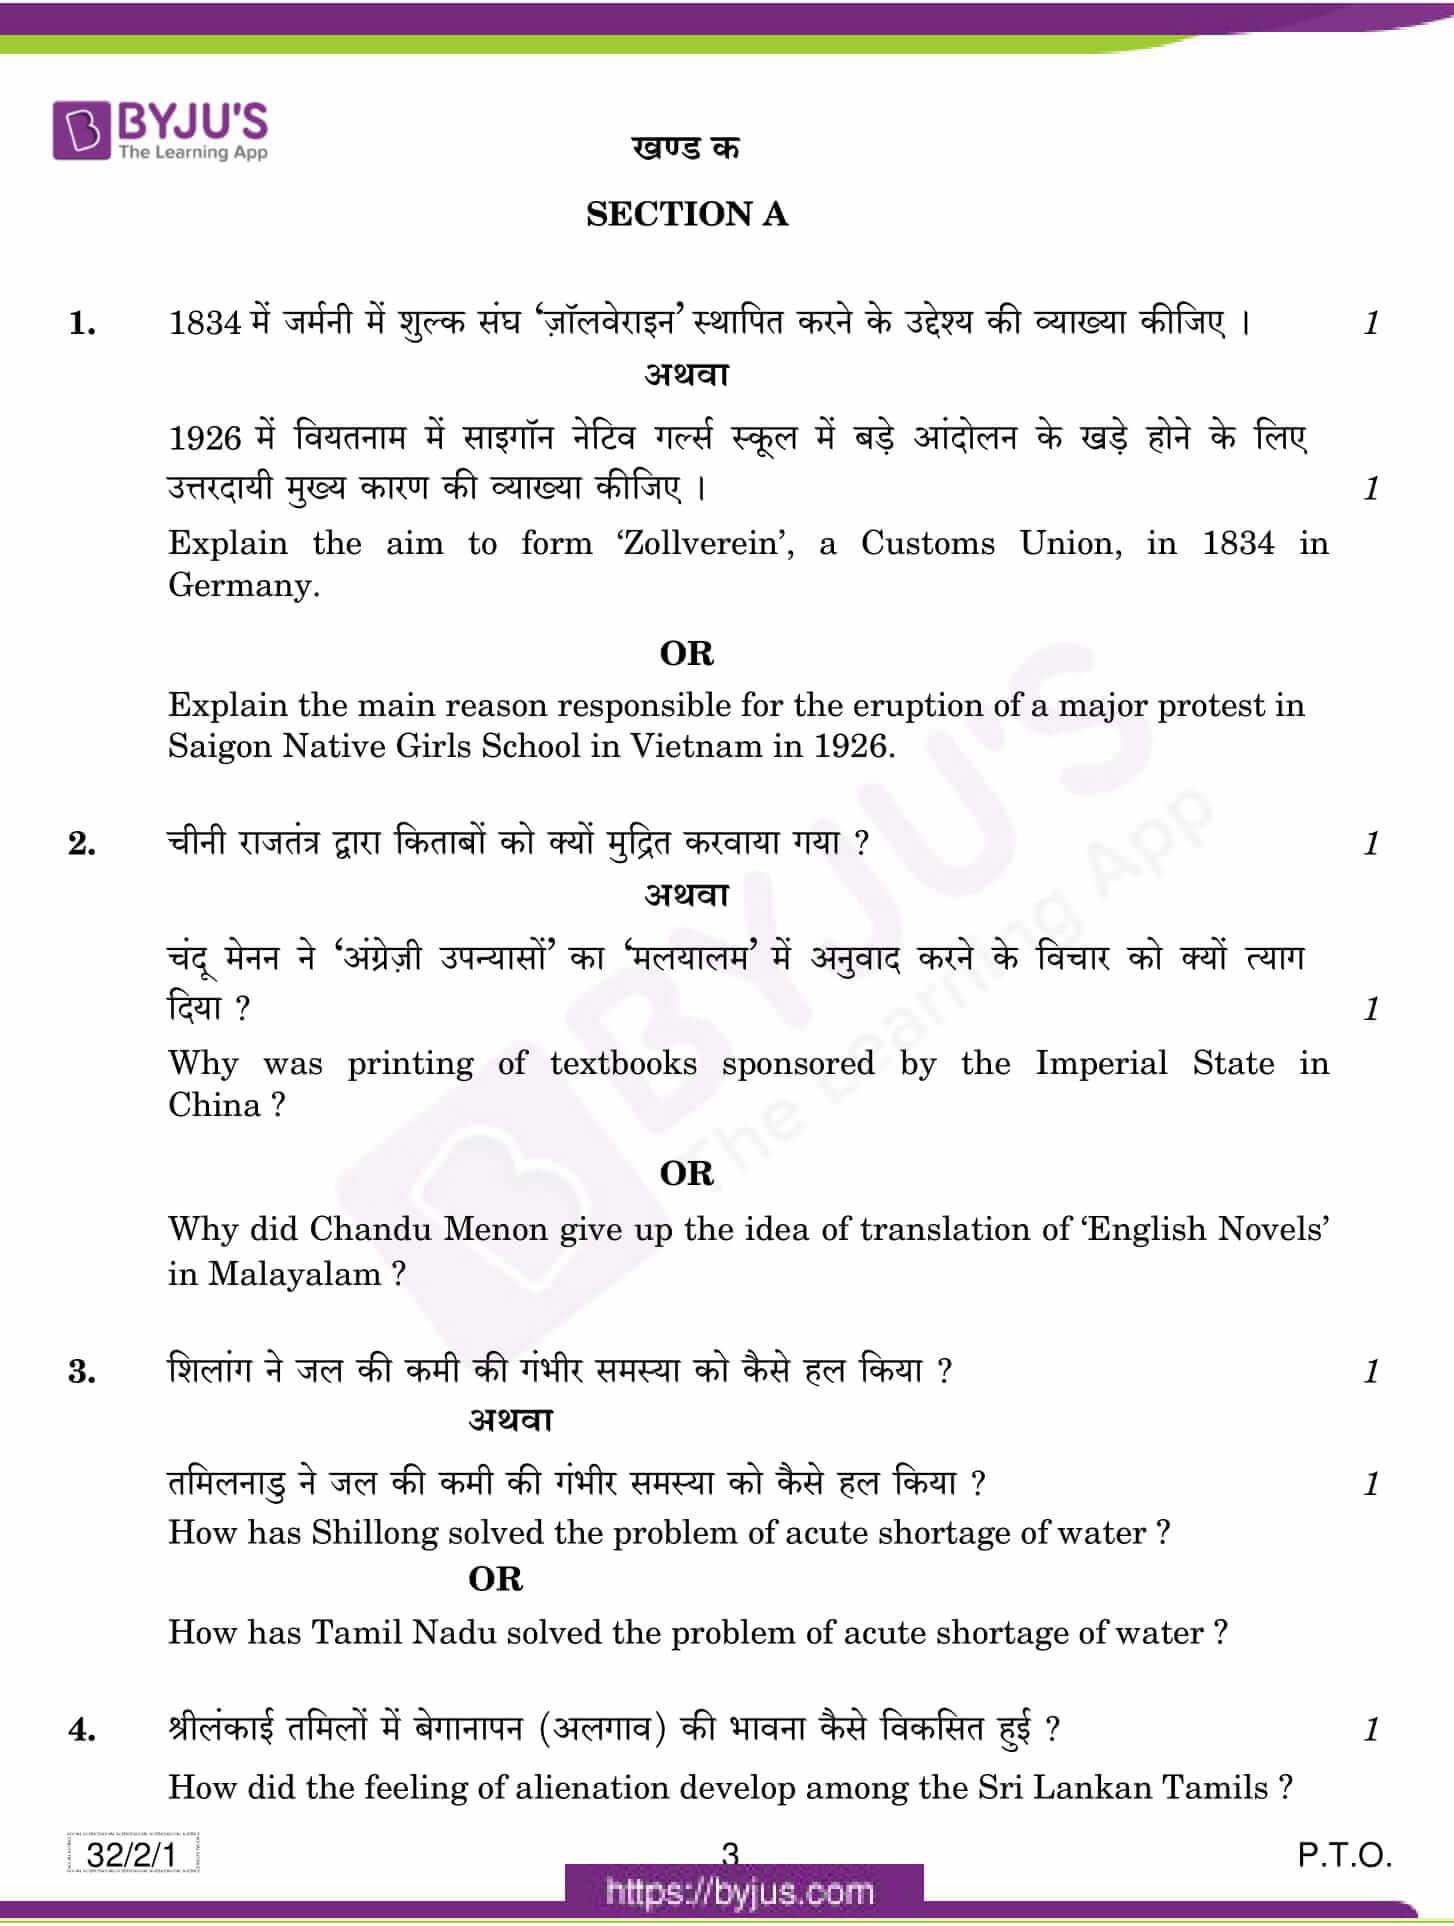 cbse class 10 ss qn paper 2019 set 1